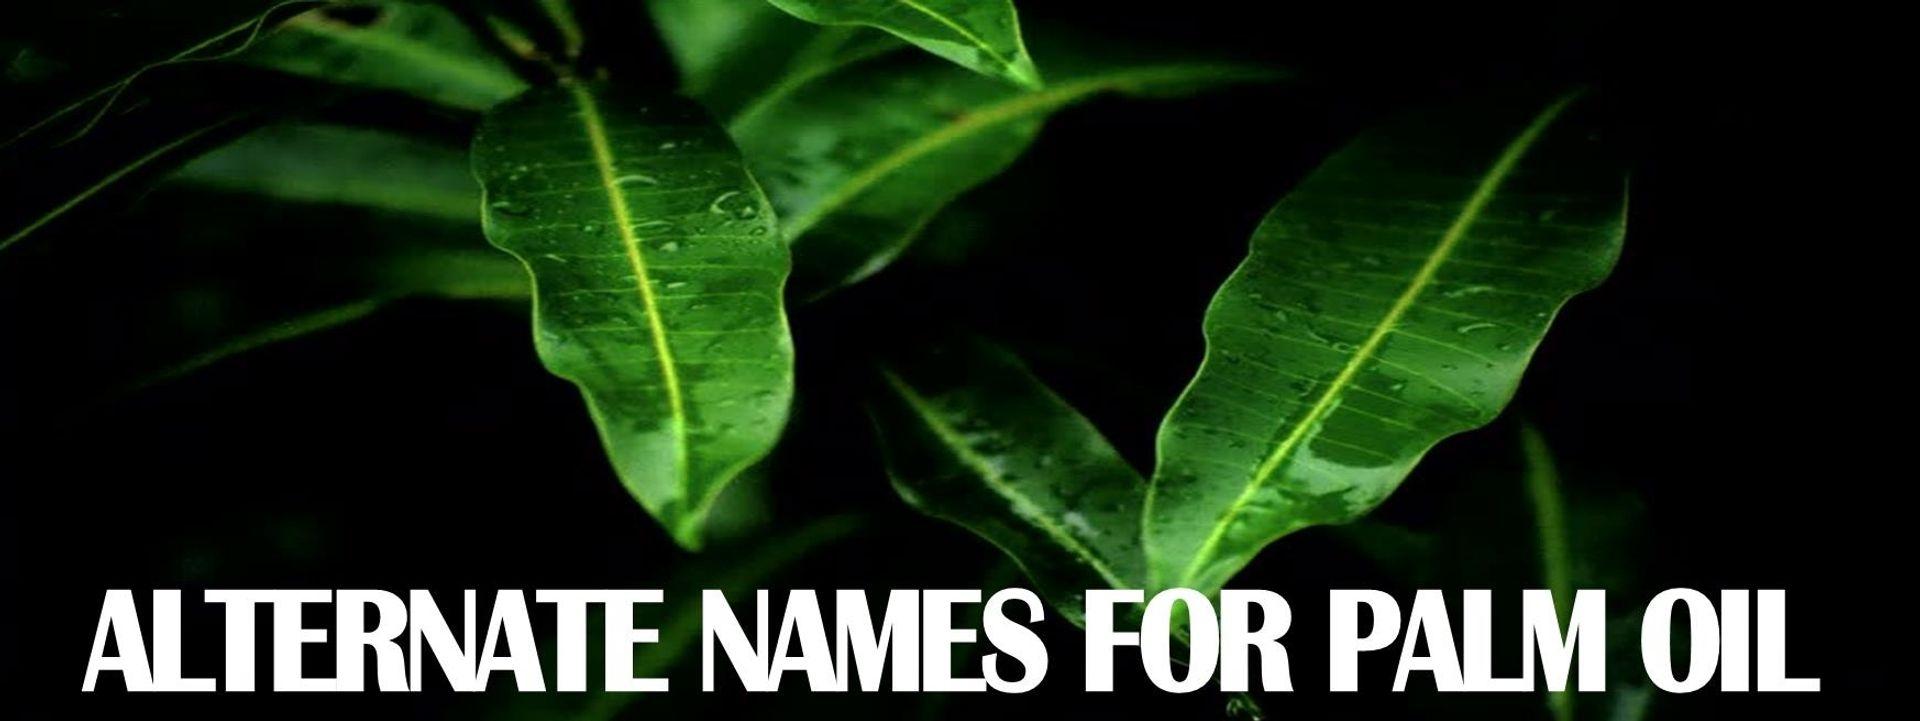 ALTERNATE NAMES FOR PALM OIL